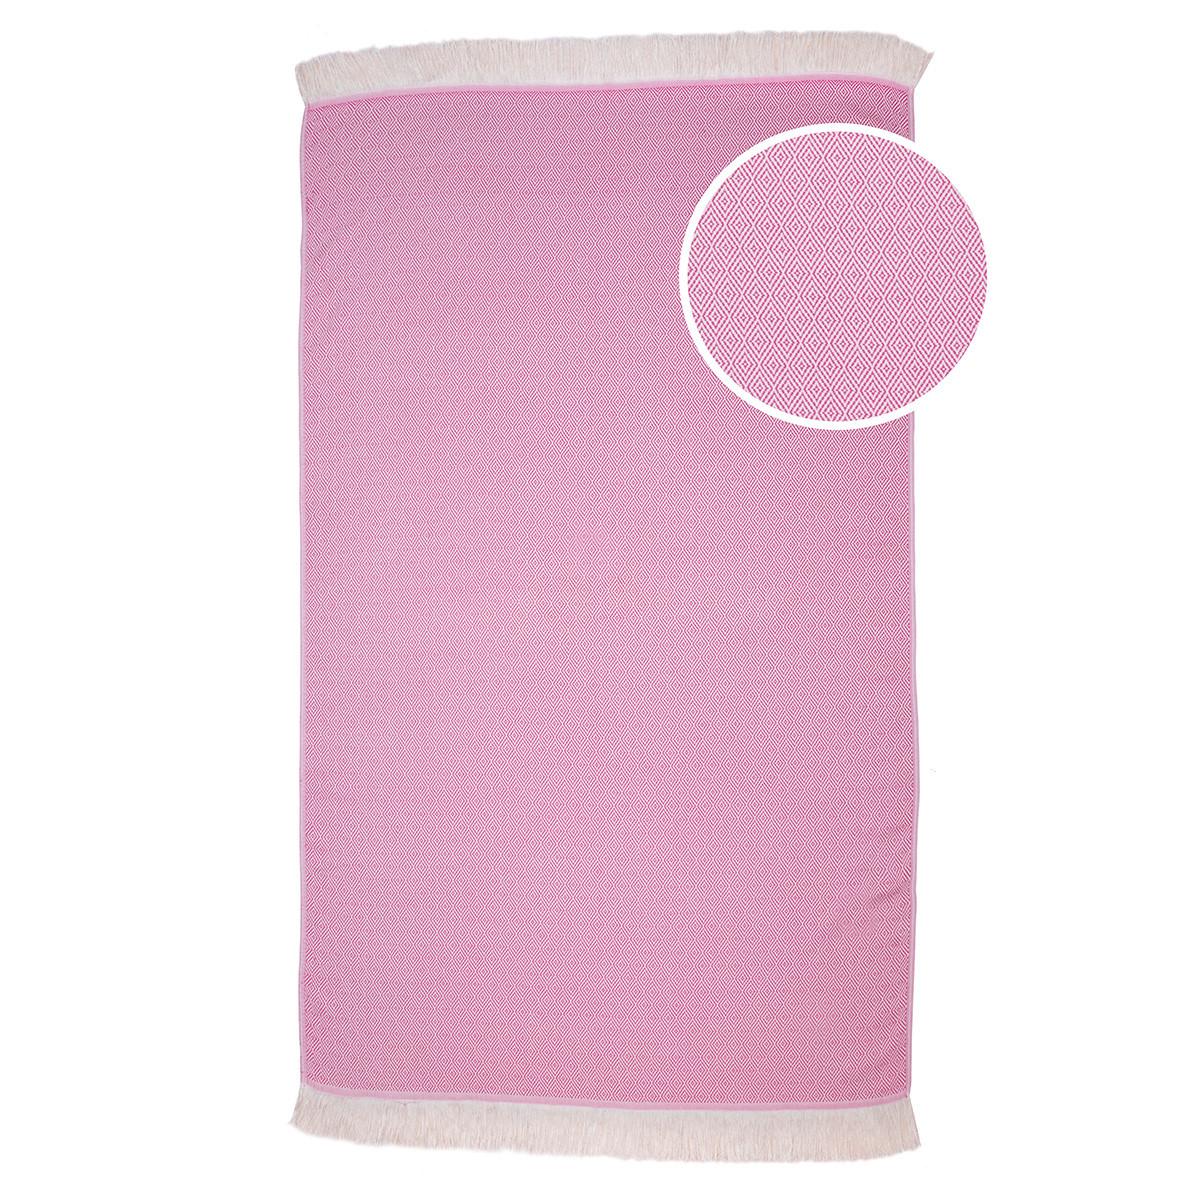 Πετσέτα Θαλάσσης – Παρεό Loom To Room Somero Fuchsia